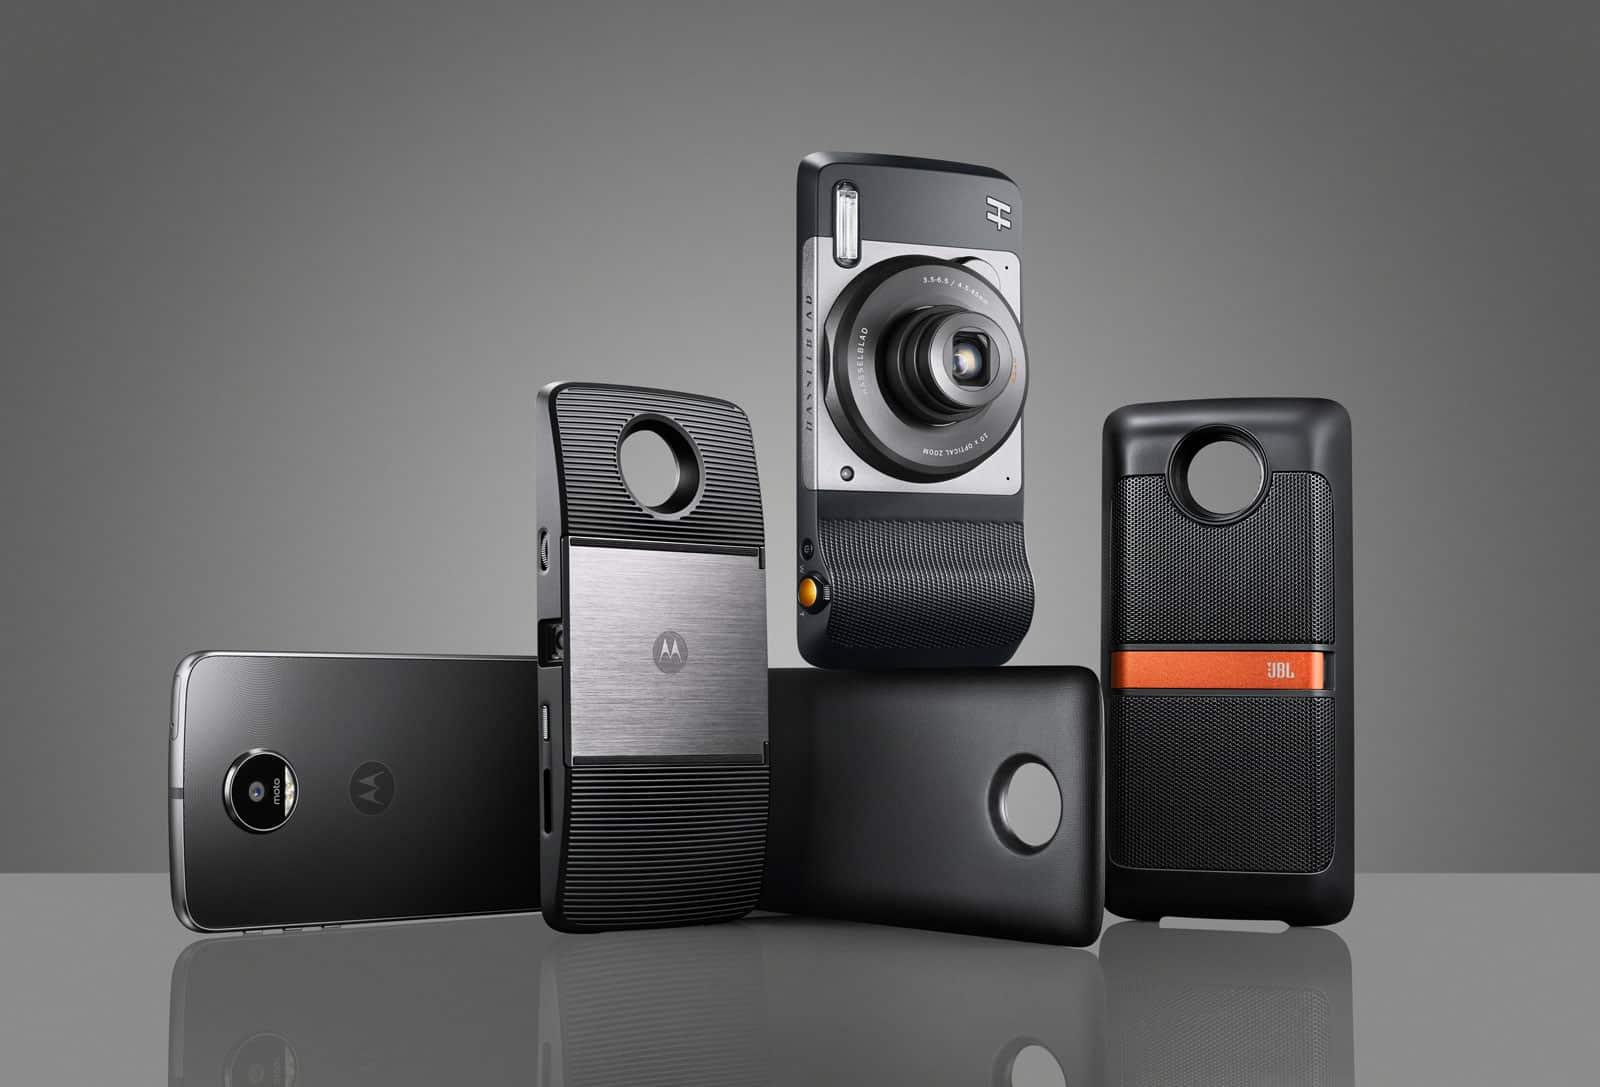 Vazamentos da Motorola revelam as especificações do Moto G6, Moto X5 e Moto Z3